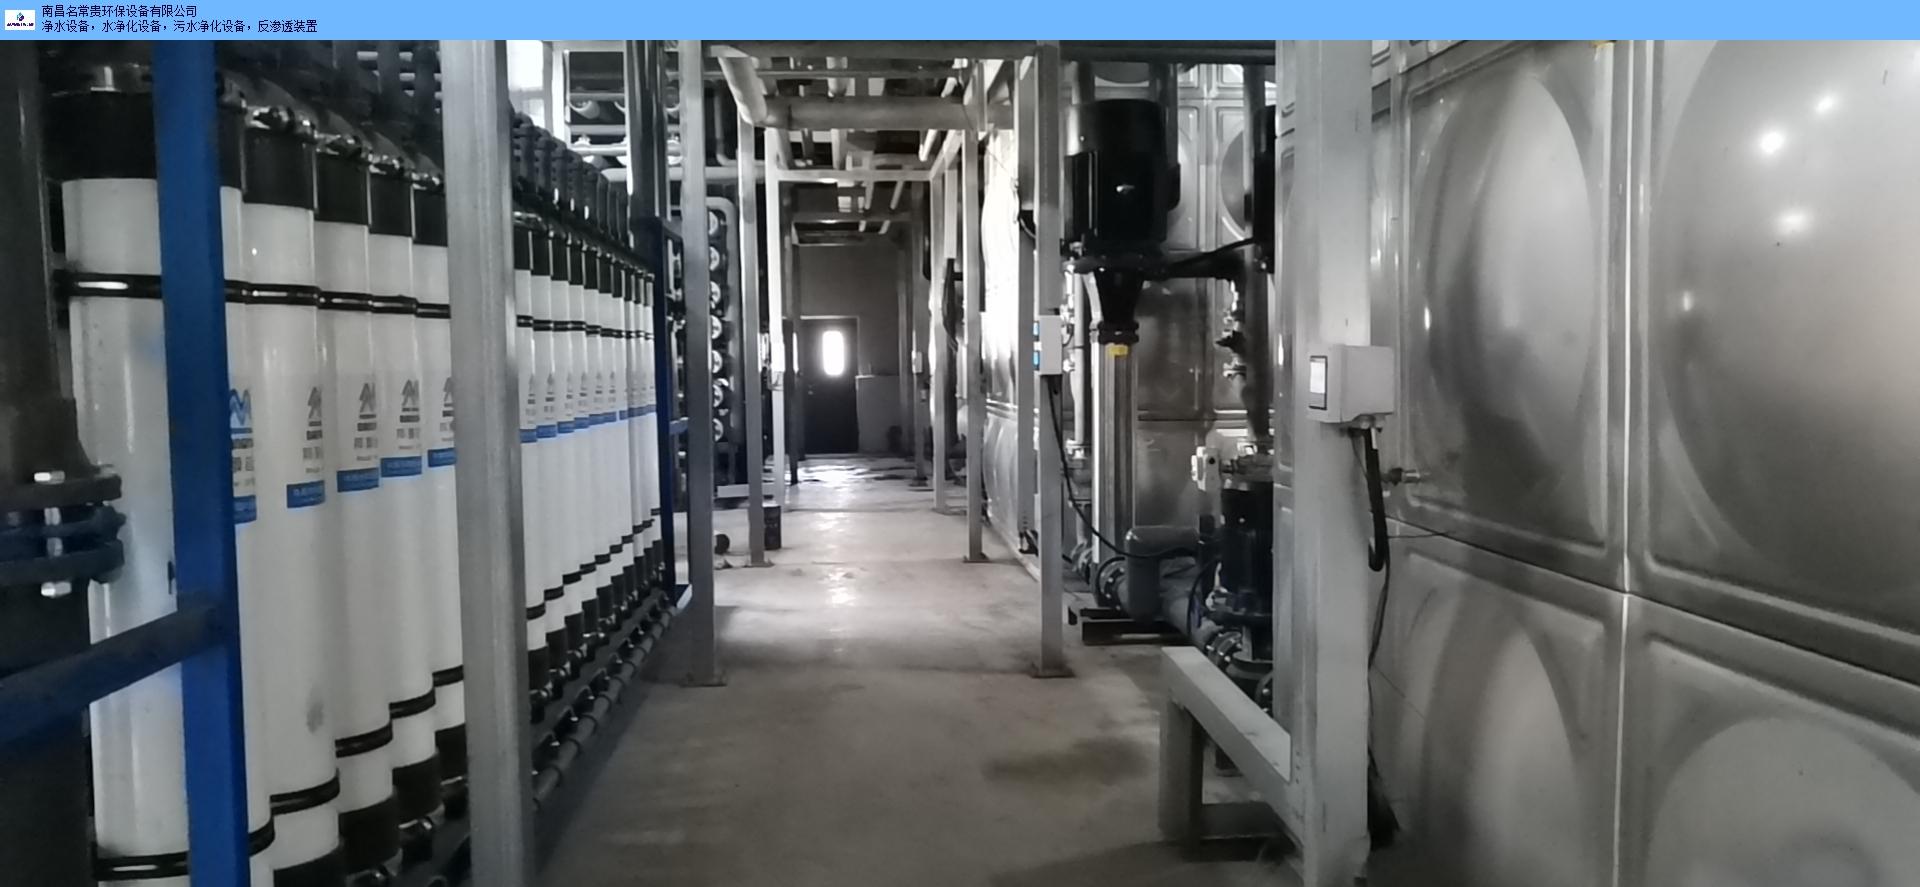 天津反渗透设备哪家好 欢迎来电 南昌名常贵环保供应